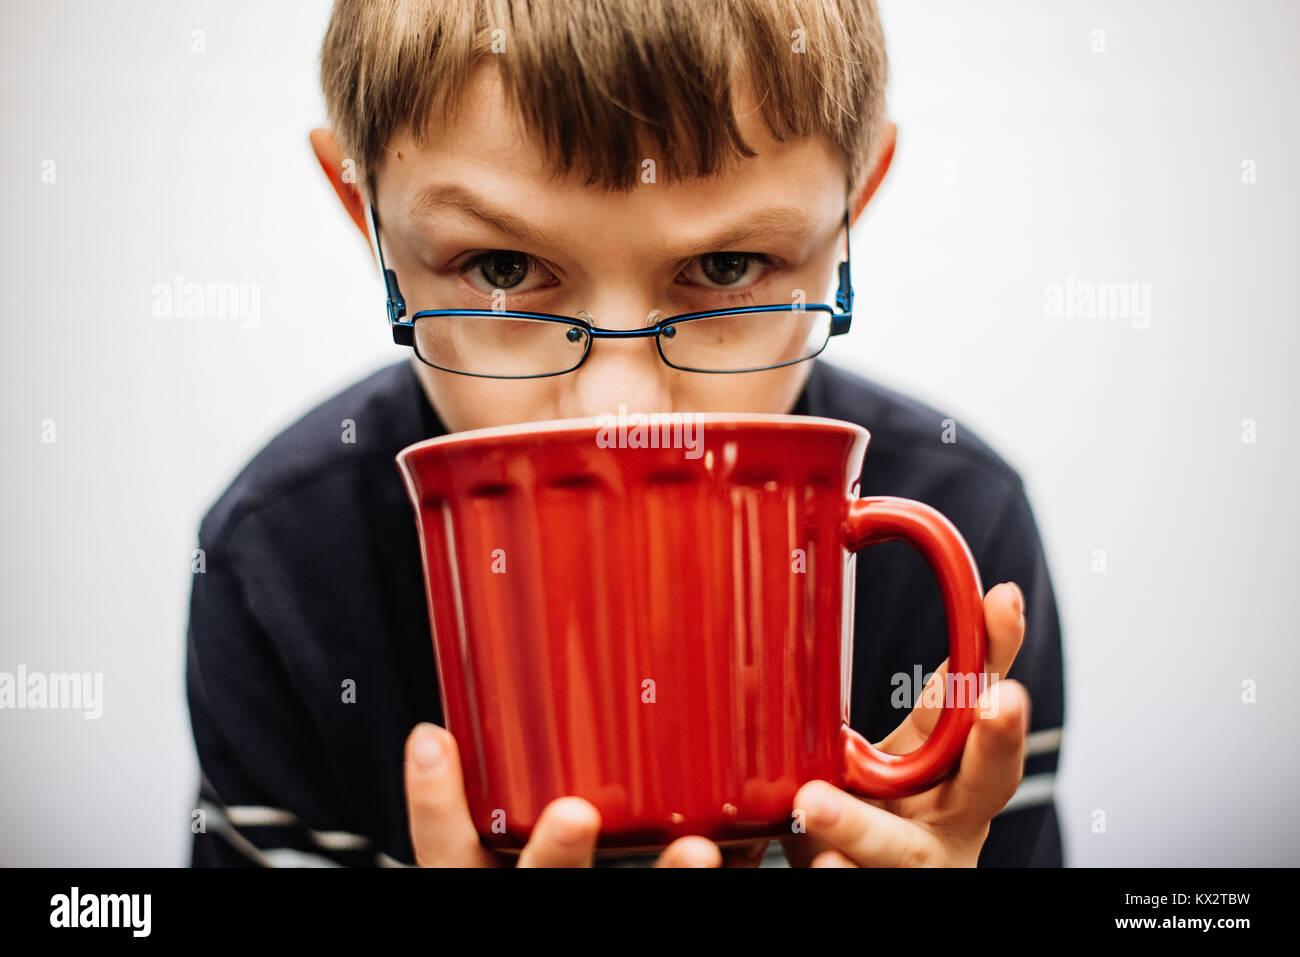 Un ragazzo di 11 anni con gli occhiali guardando oltre il bordo di un rosso tazza di tè. Immagini Stock